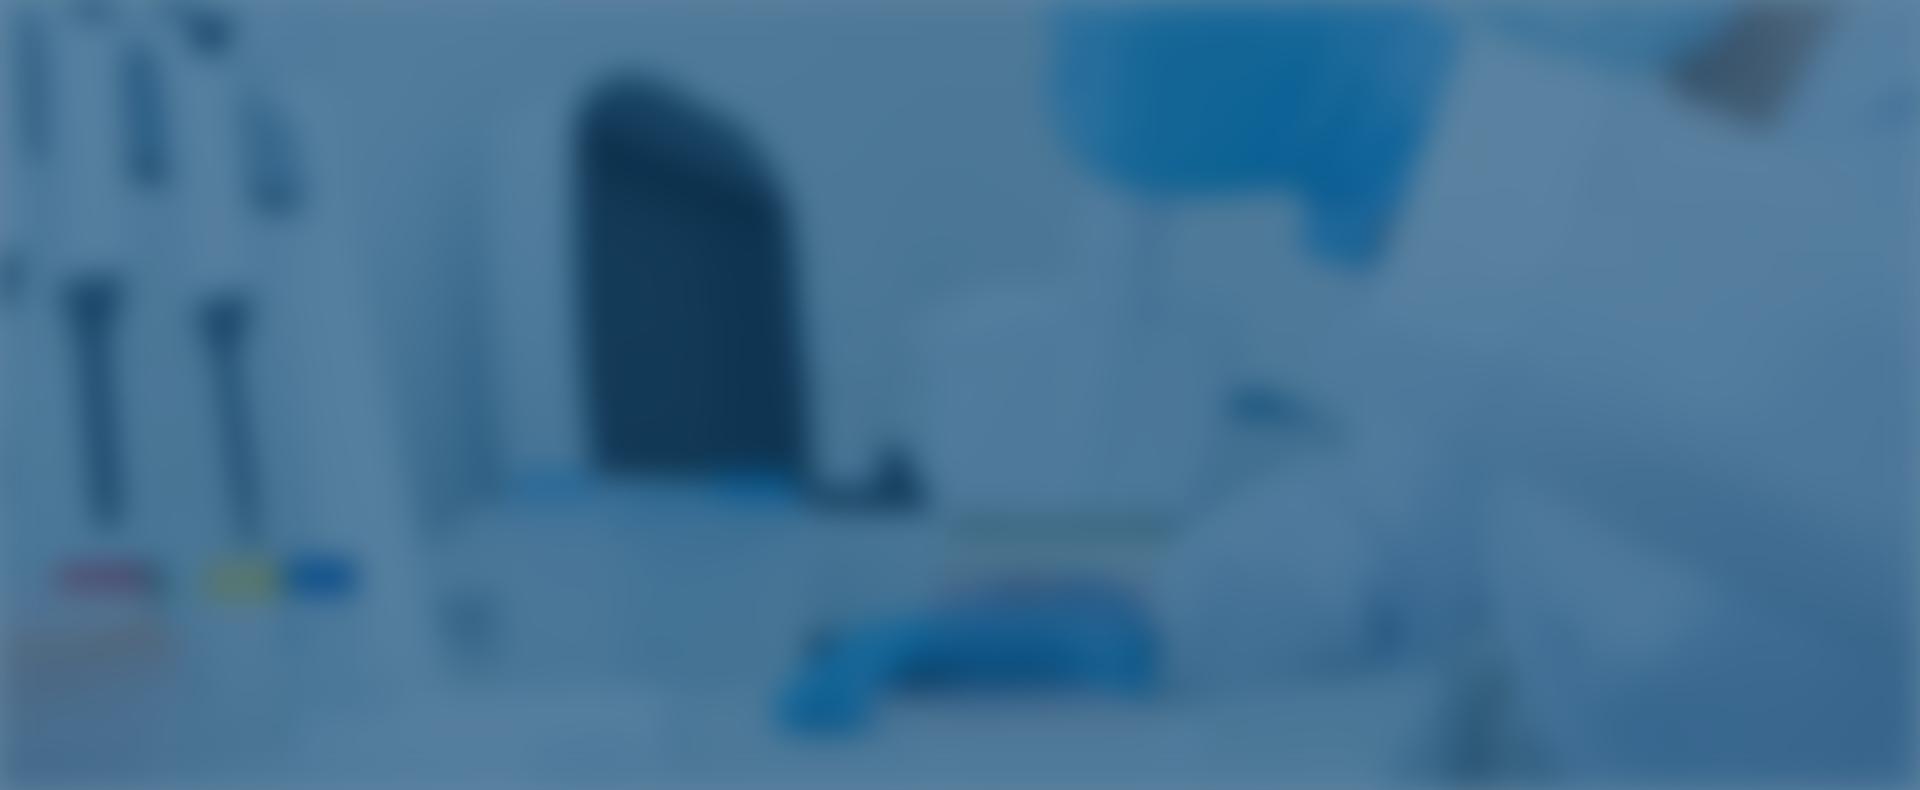 banner_moletek_bg_image